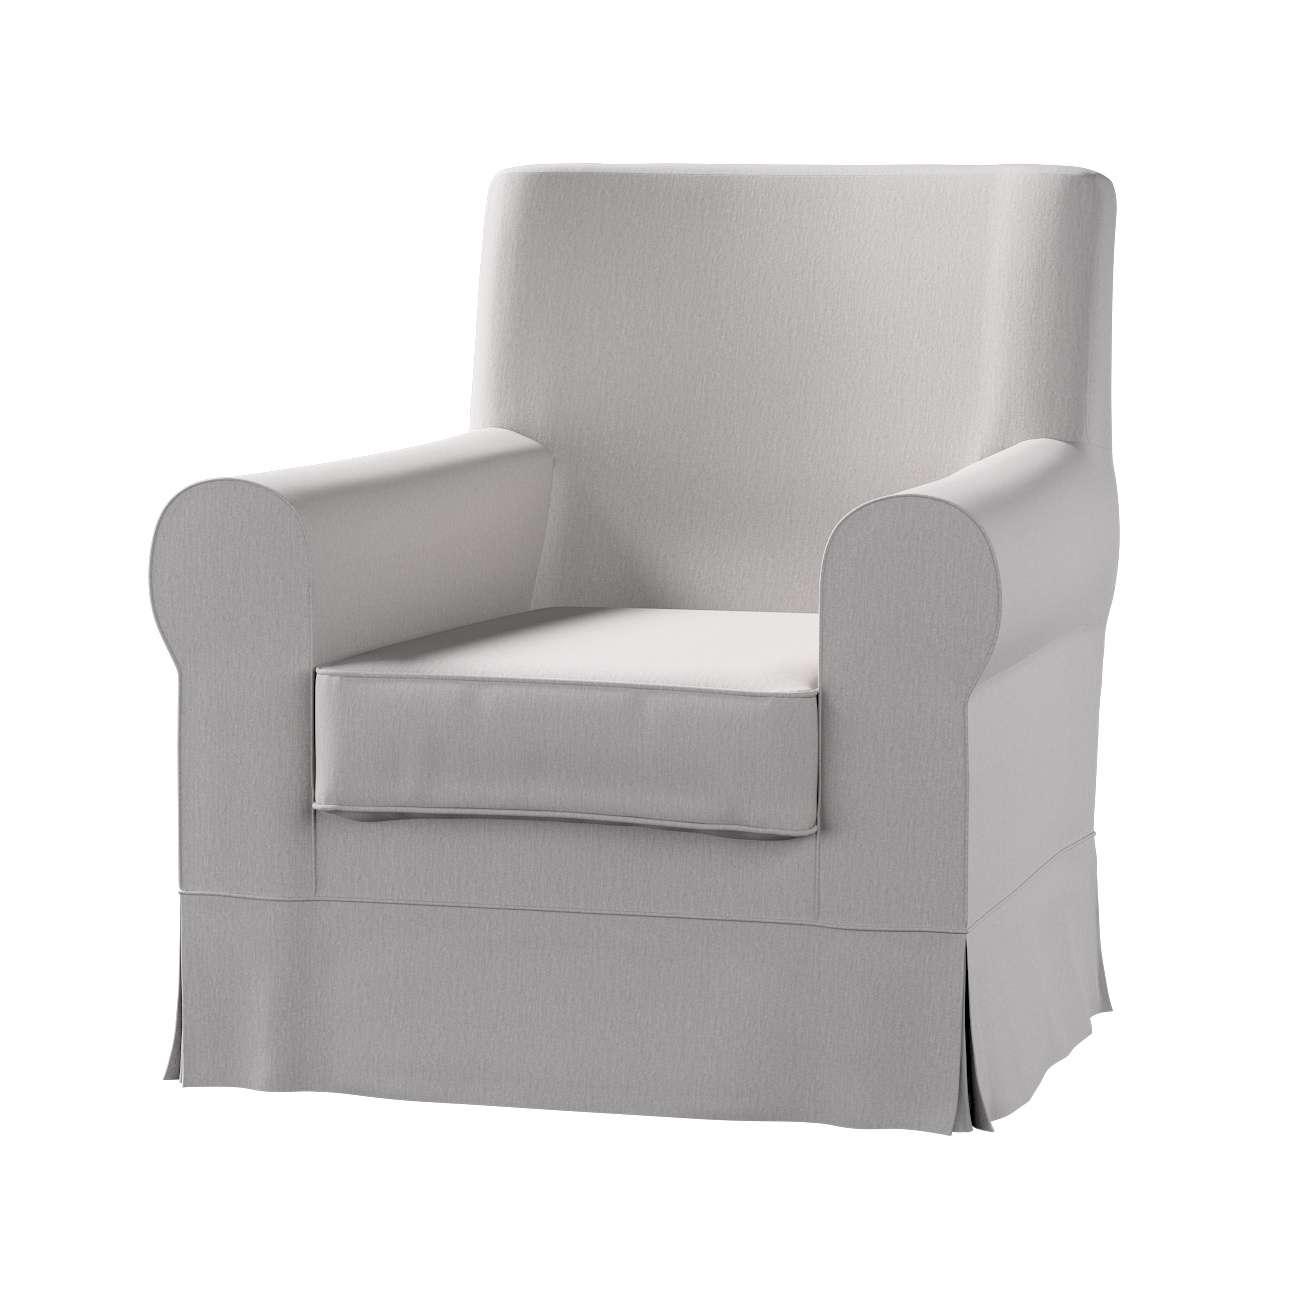 Pokrowiec na fotel Ektorp Jennylund Fotel Ektorp Jennylund w kolekcji Chenille, tkanina: 702-23